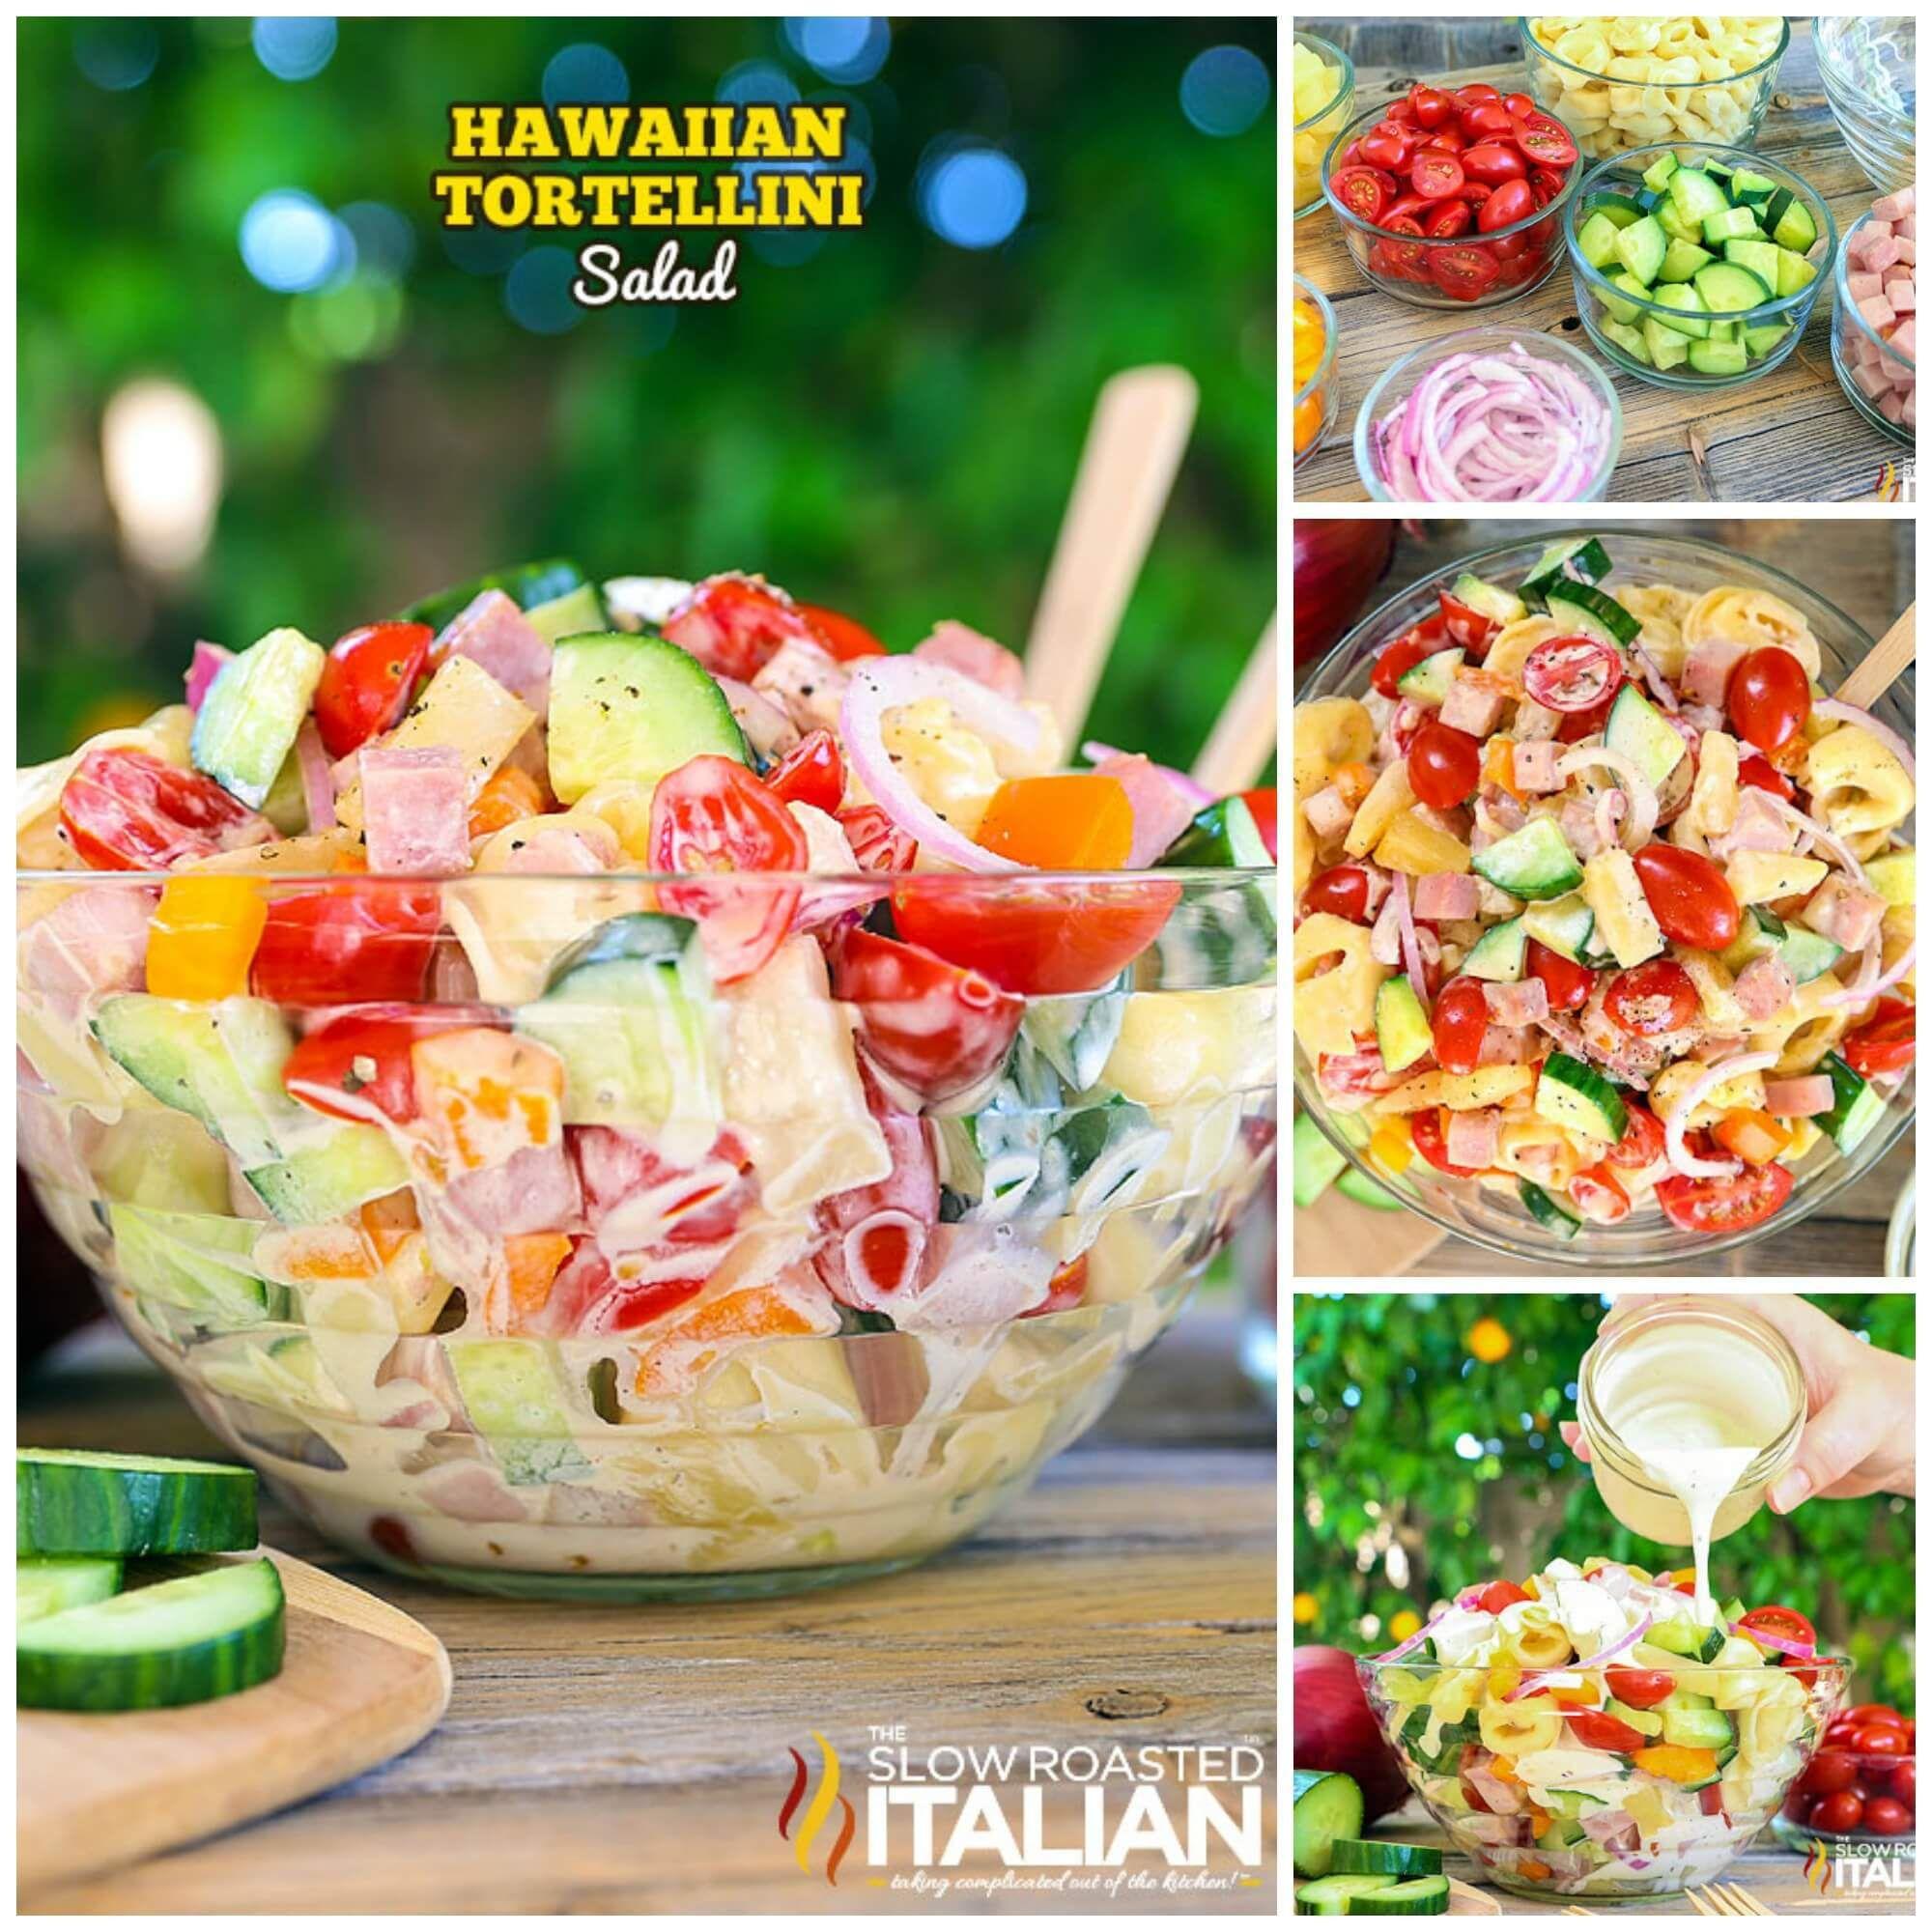 Hawaiian Tortellini Salad #hawaiianfoodrecipes